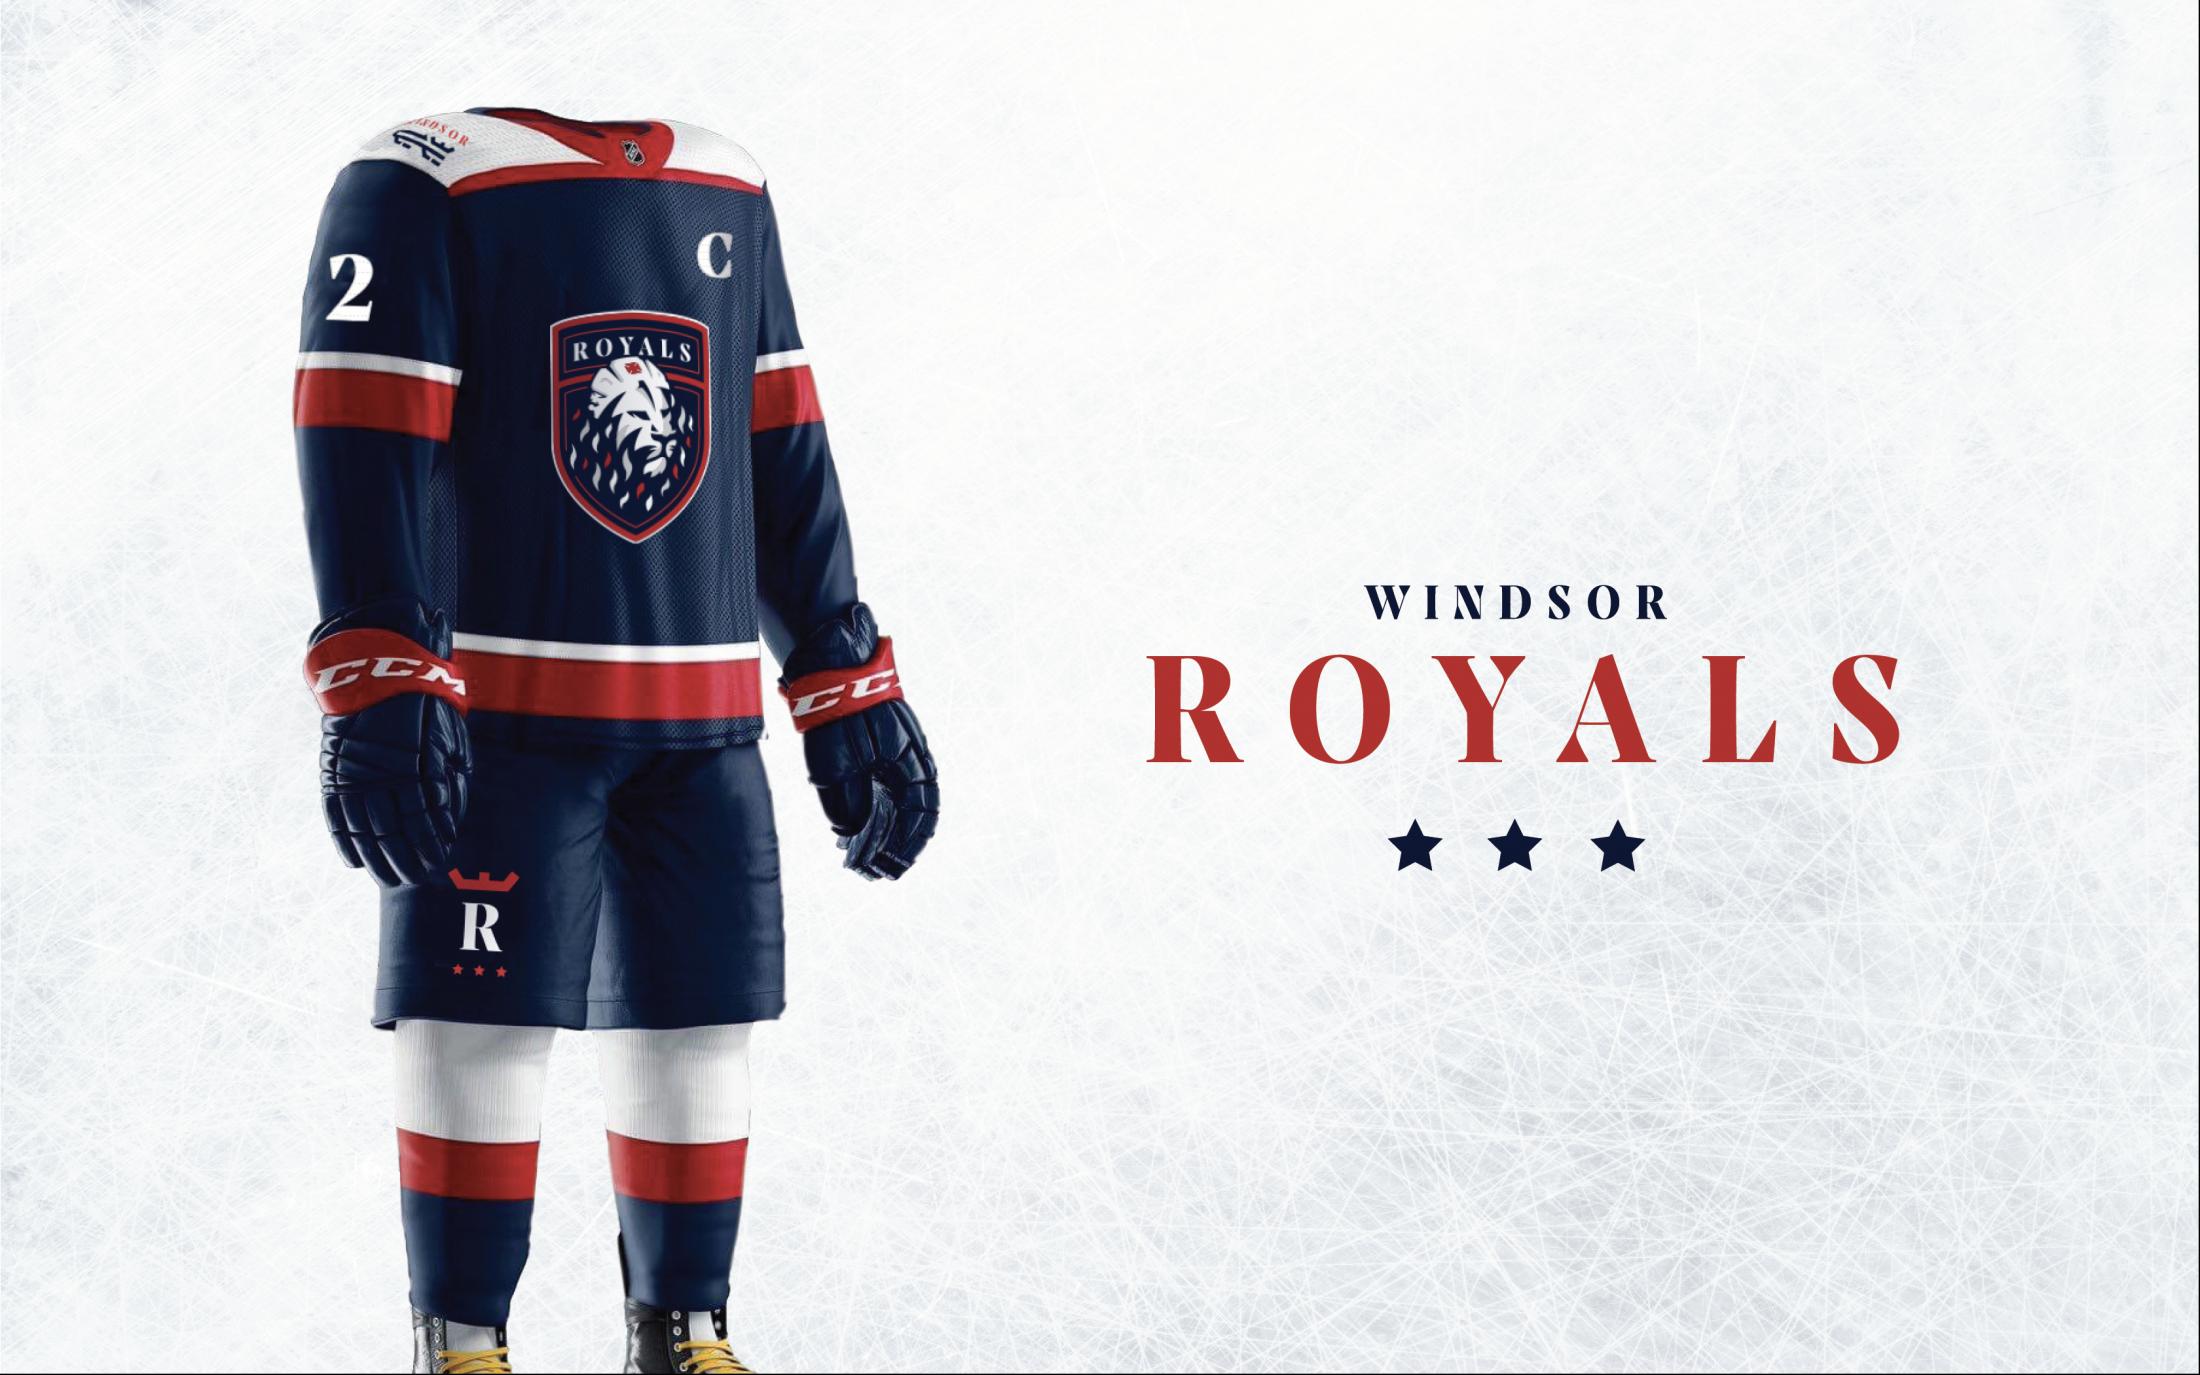 Thumbnail for Windsor Royals Branding